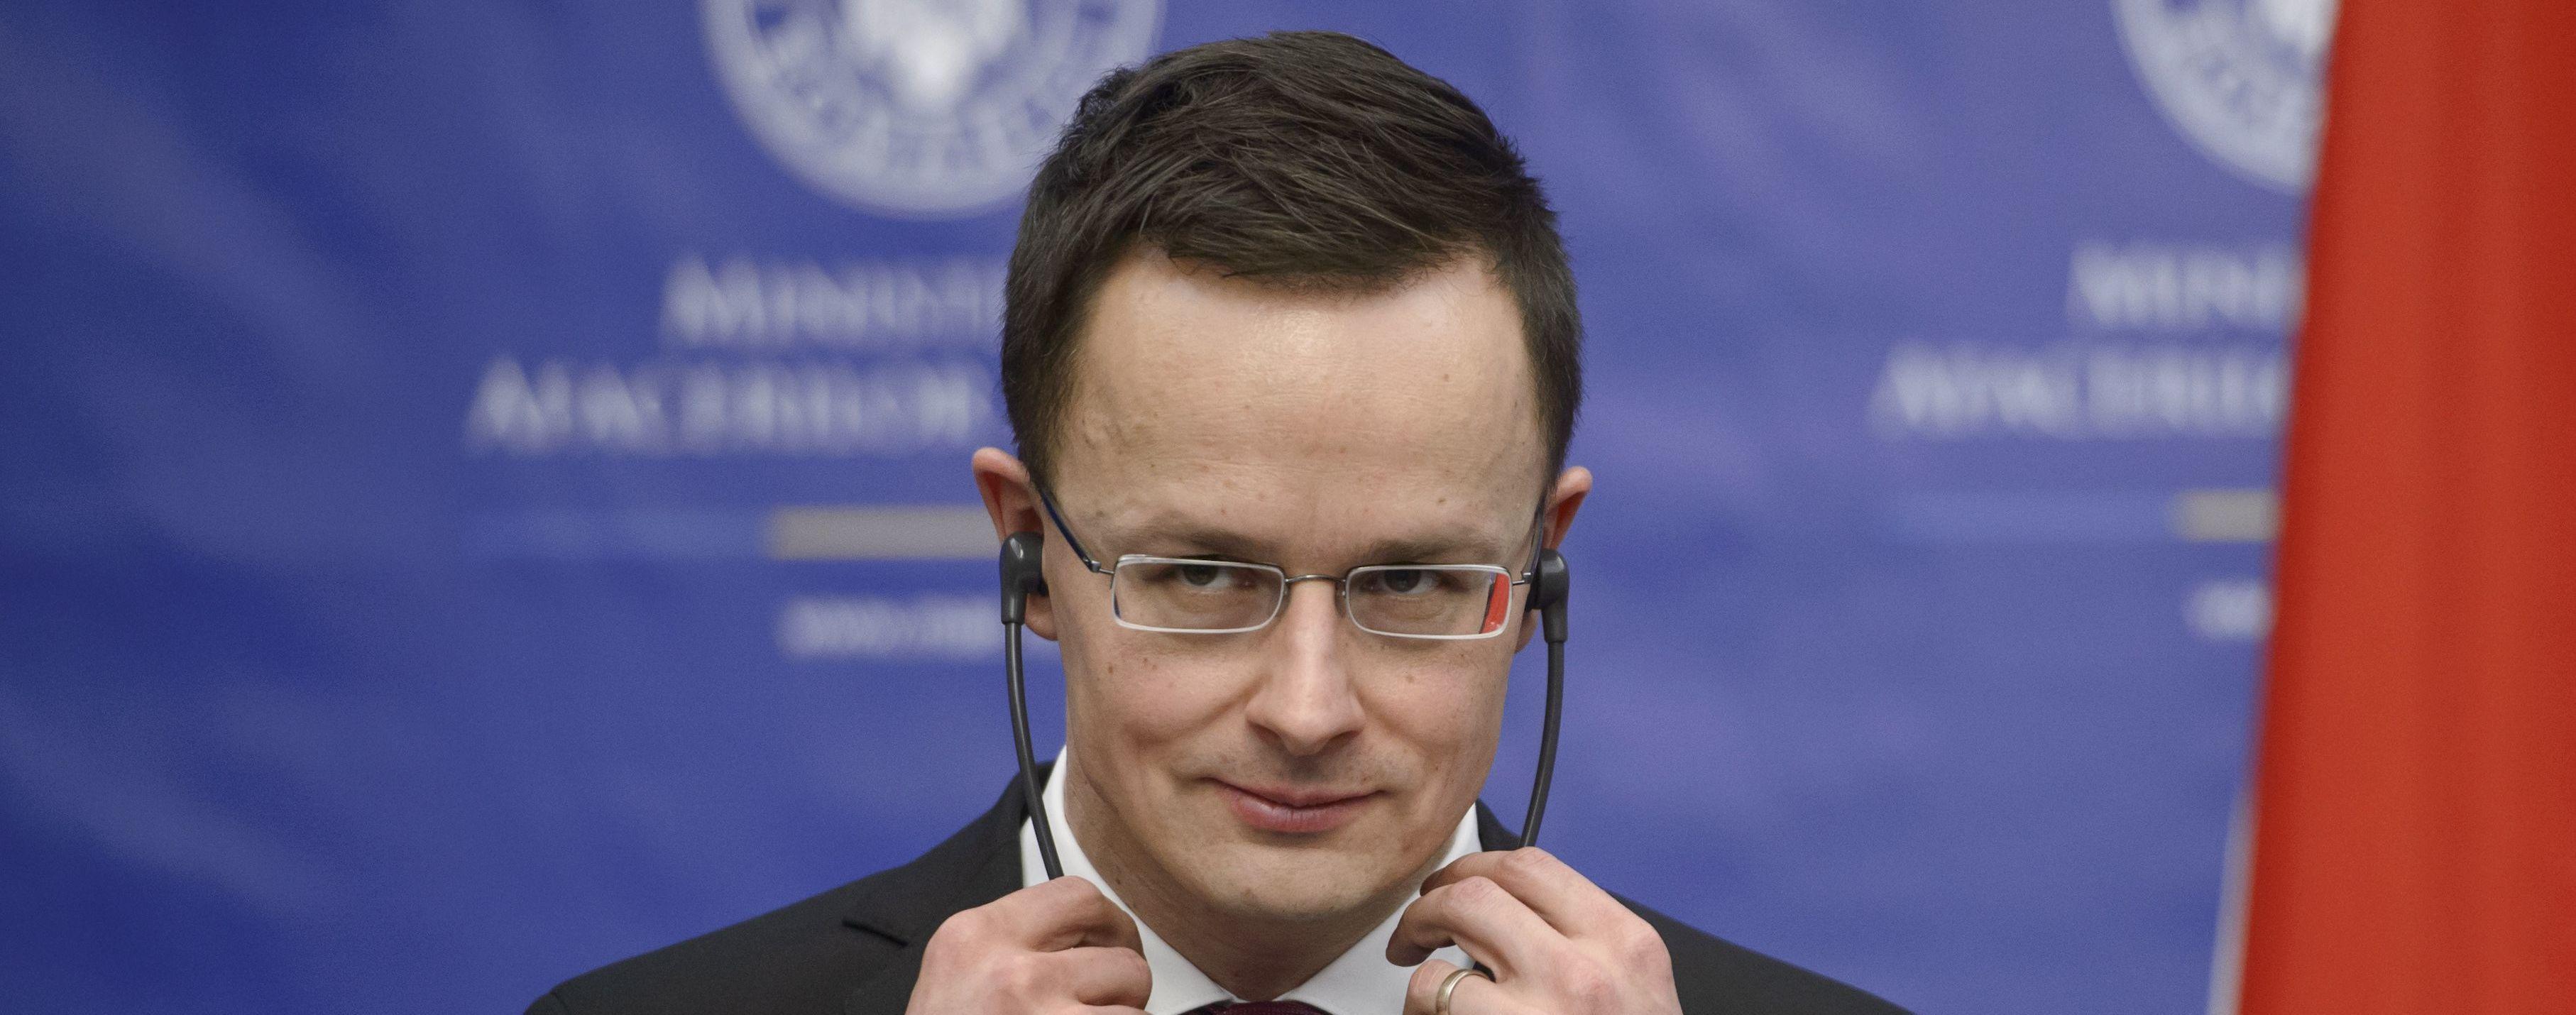 Очільник МЗС Угорщини звинуватив Україну в порушенні угод